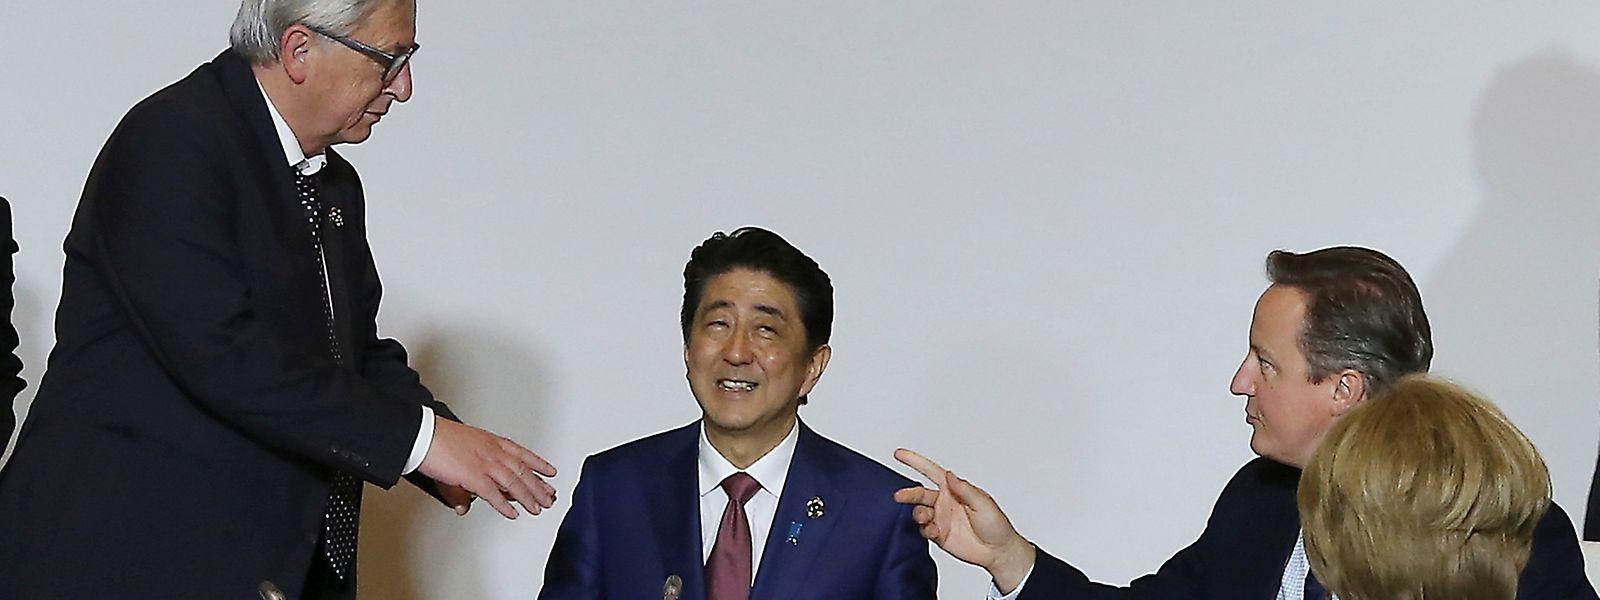 EU-Kommissionspräsident Jean-Claude Juncker im Gespräch mit dem japanischen Premier Shinzo Abe, dem britischen Regierungschef David Cameron und Bundeskanzlerin Angela Merkel. (v.l.n.r.)